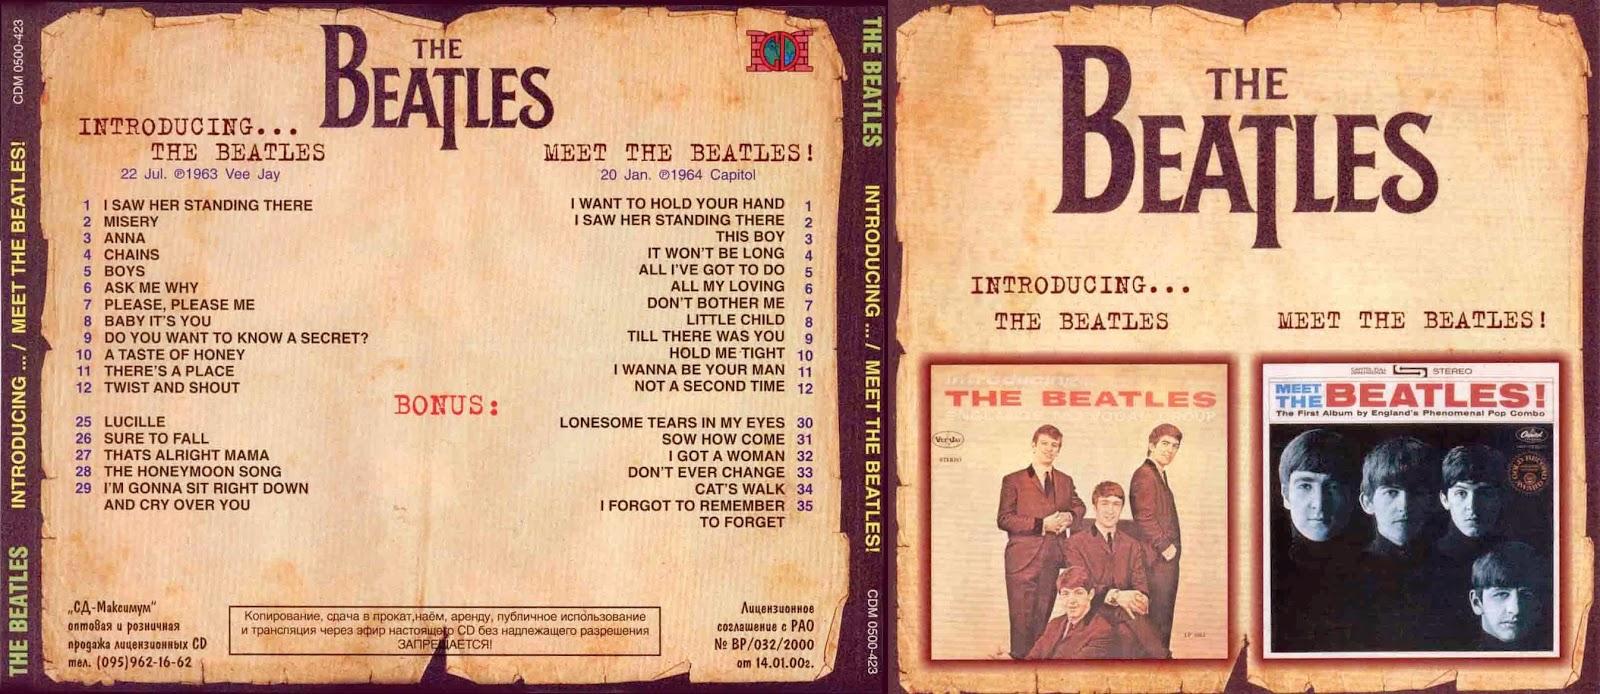 Meet the beatles download